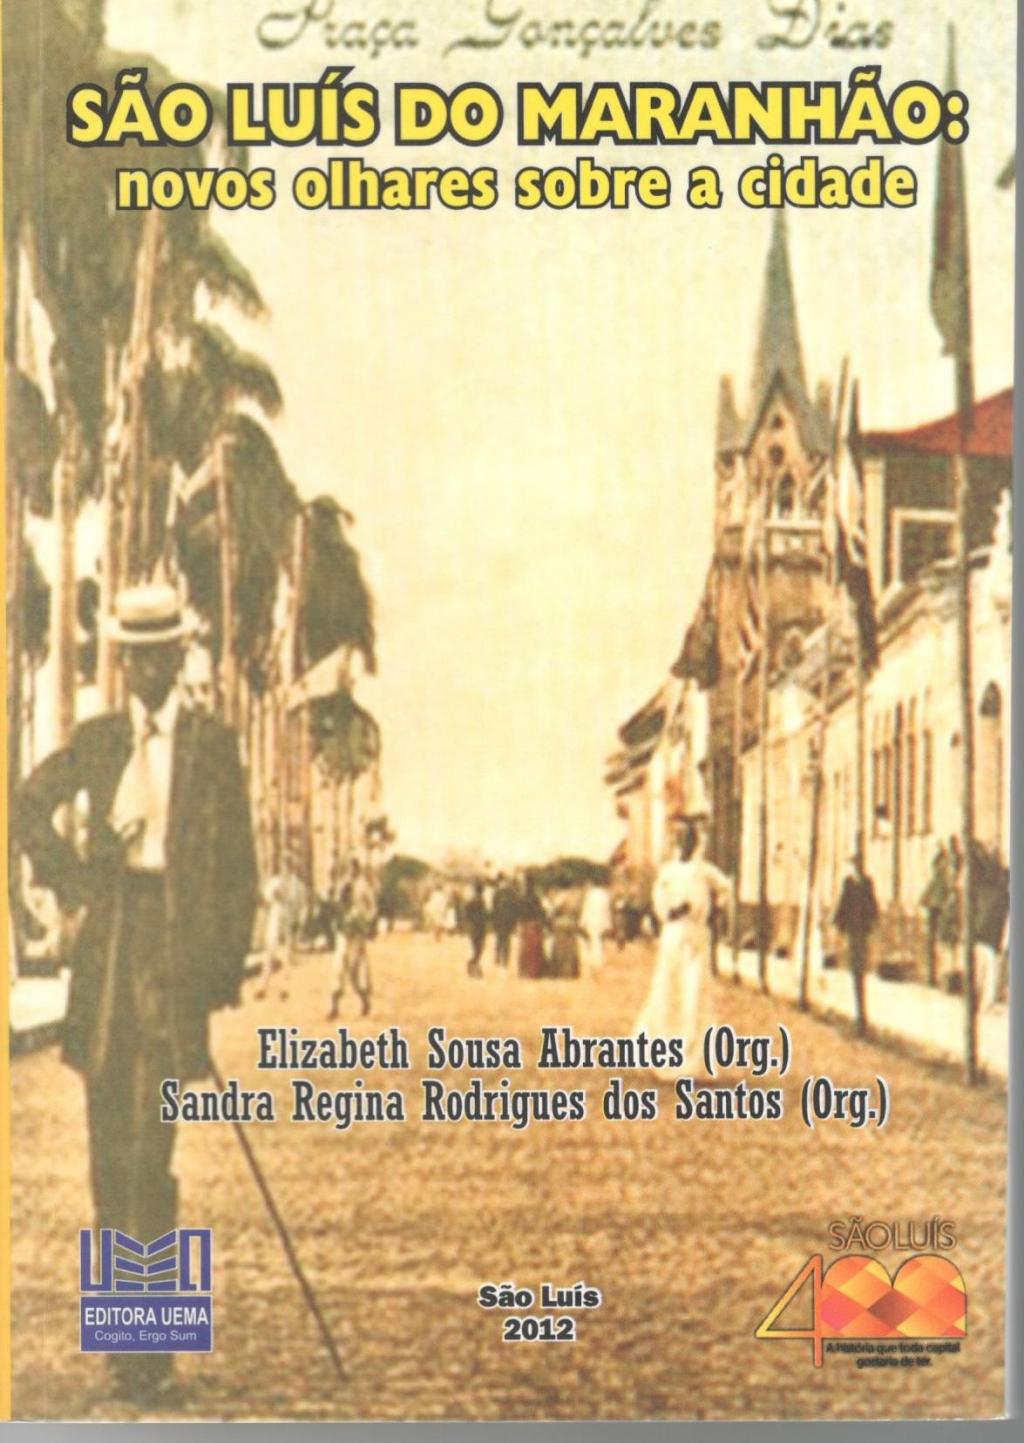 Coleção 400 Anos - São Luís do Maranhão: Novos olhares sobre a cidade